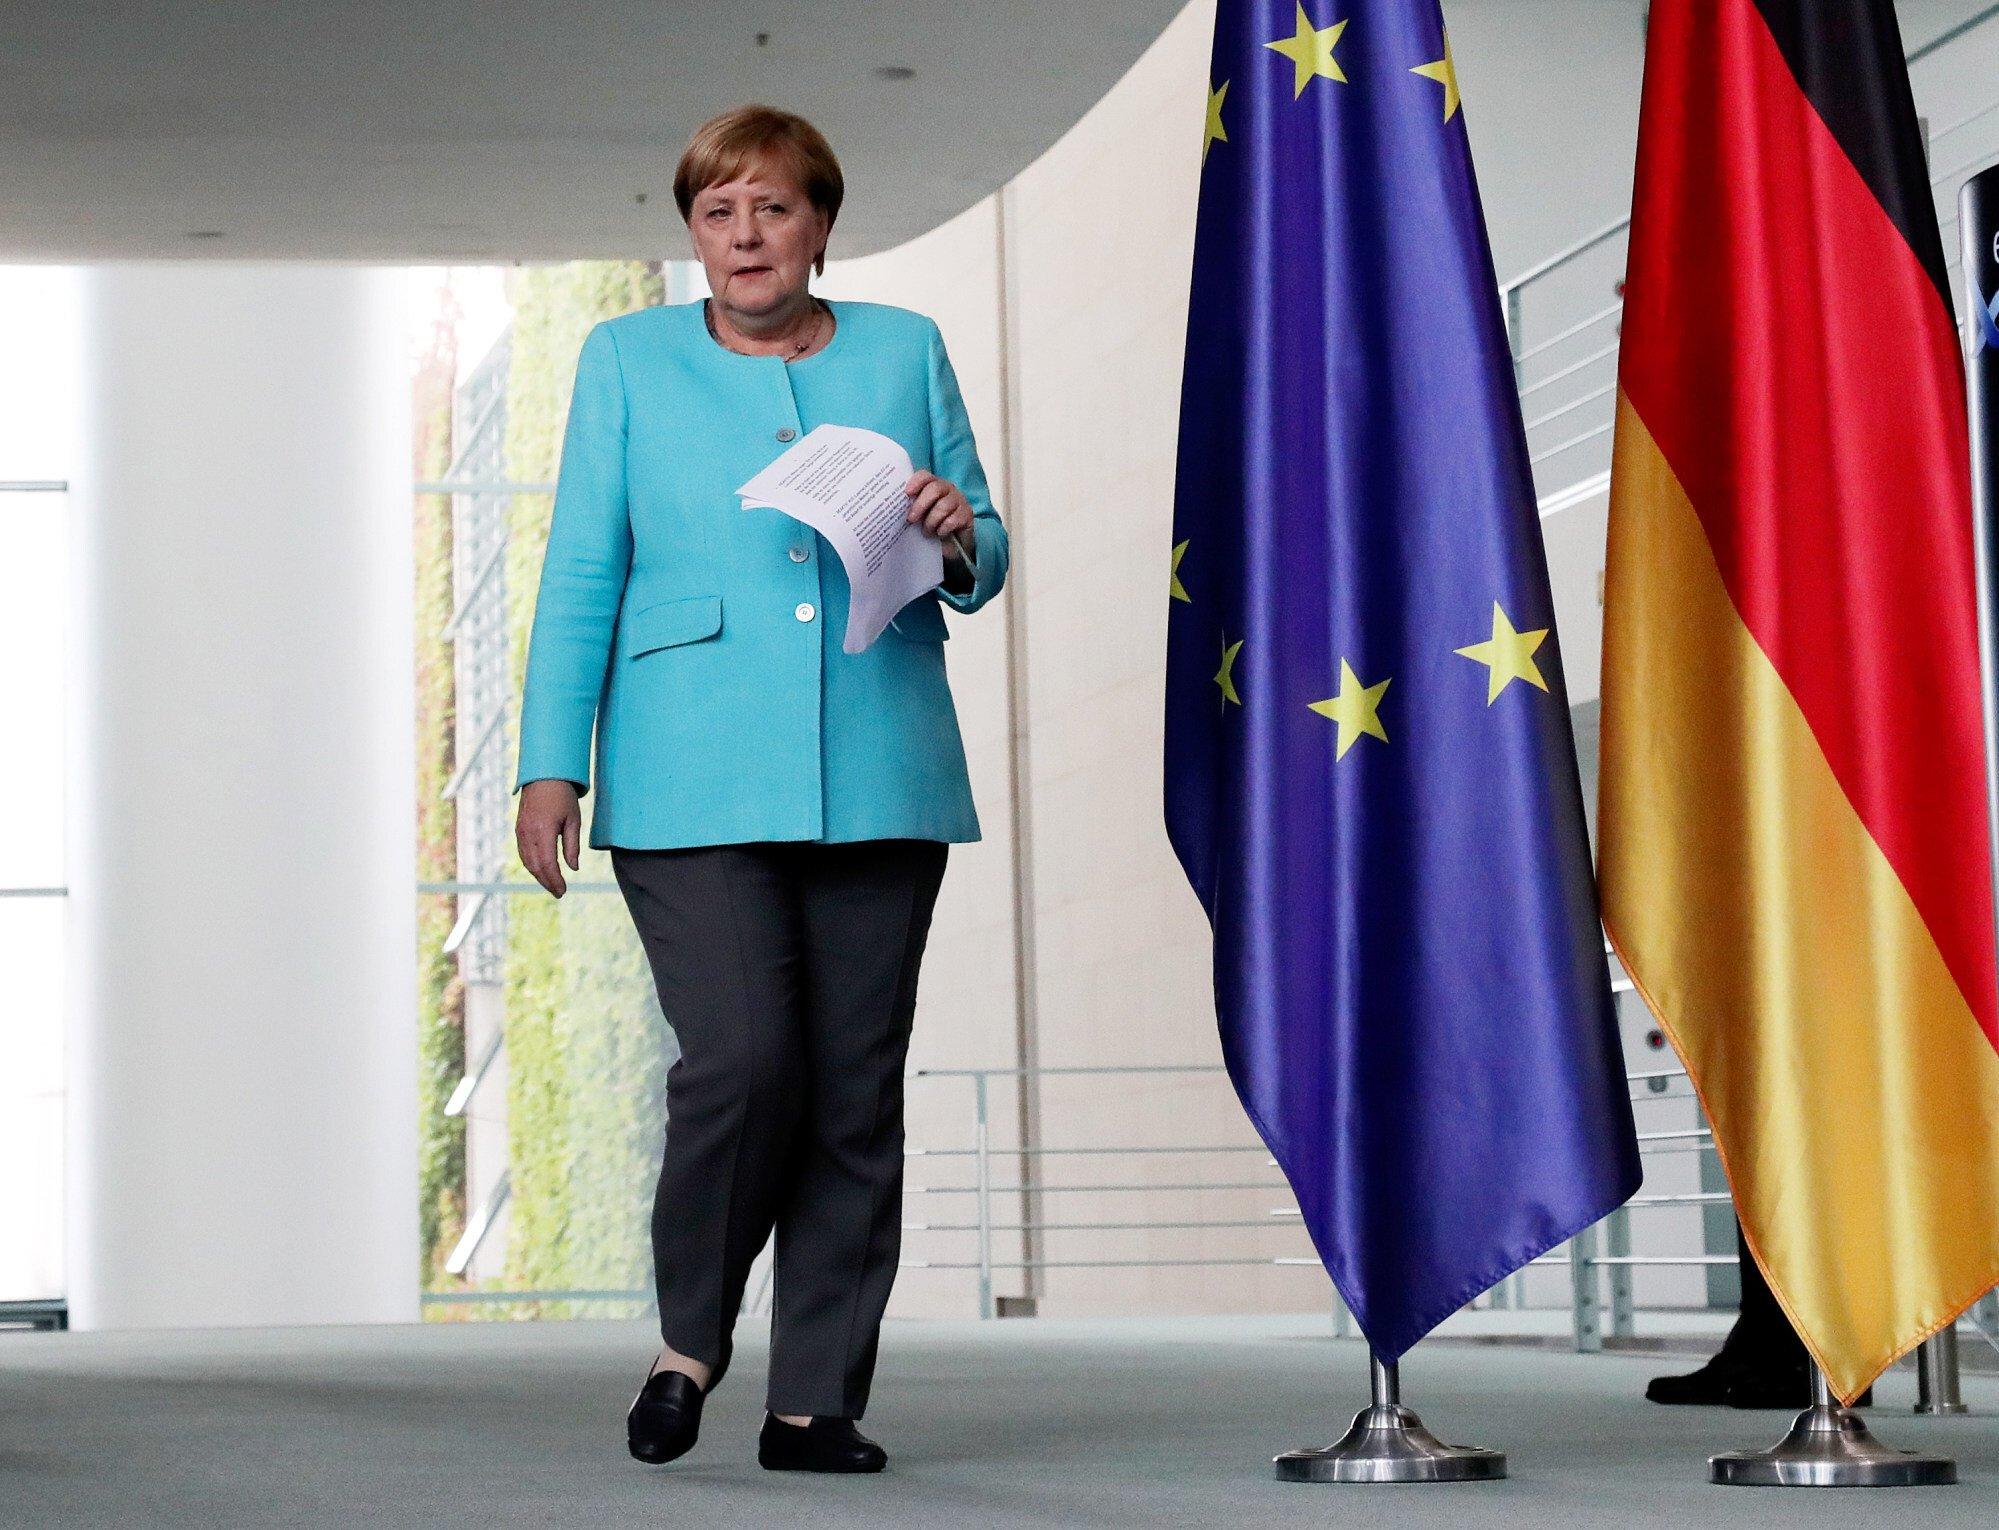 Vào tháng 8/2020, cô tham dự một cuộc họp báo tại Phủ Thủ tướng Liên bang ở Berlin, mặc một chiếc áo khoác màu ngọc lam sáng với quần đen và một đôi giày lười màu đen hợp lý.